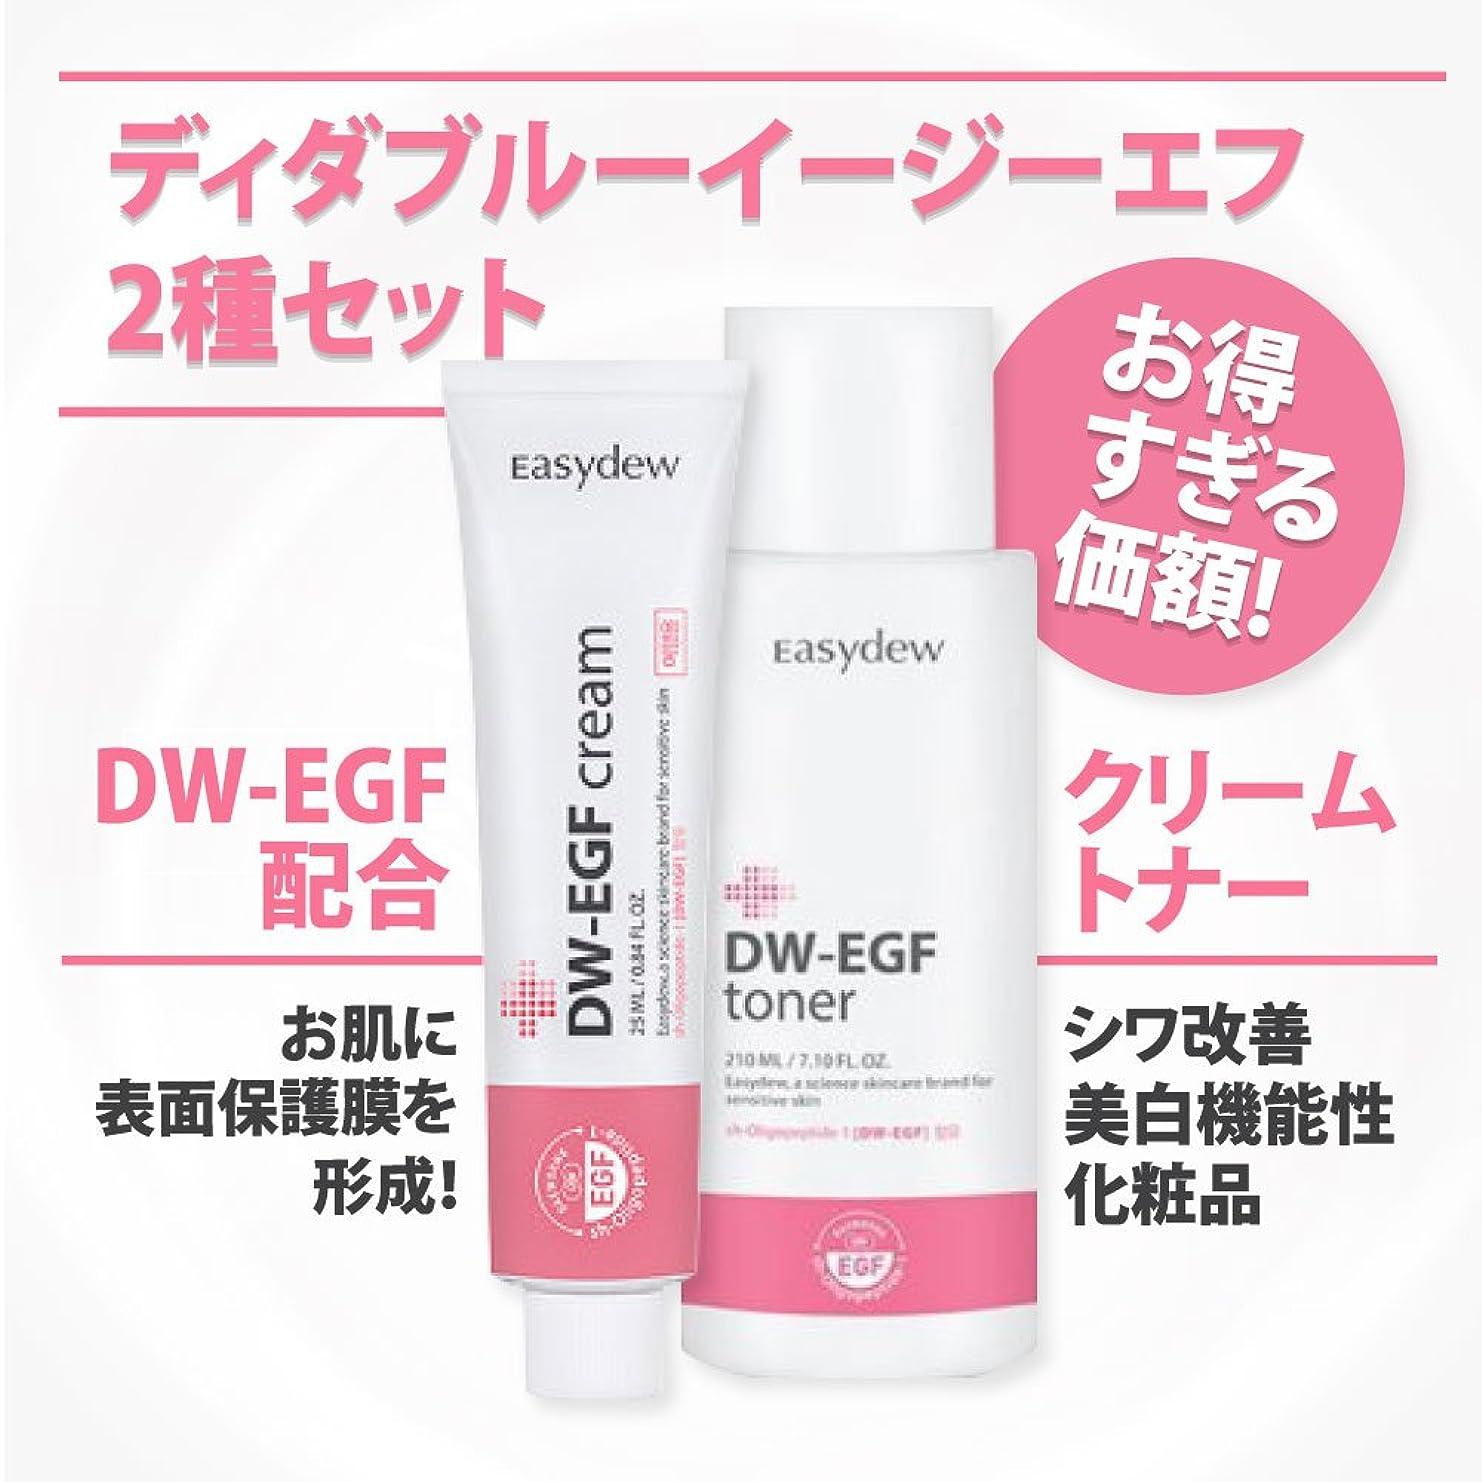 反響する泳ぐウールEasydew DW-EGF 化粧水 210ml クリーム 50ml セット Easydew DW-EGF Toner Cream Set 人気 スキンケア セット